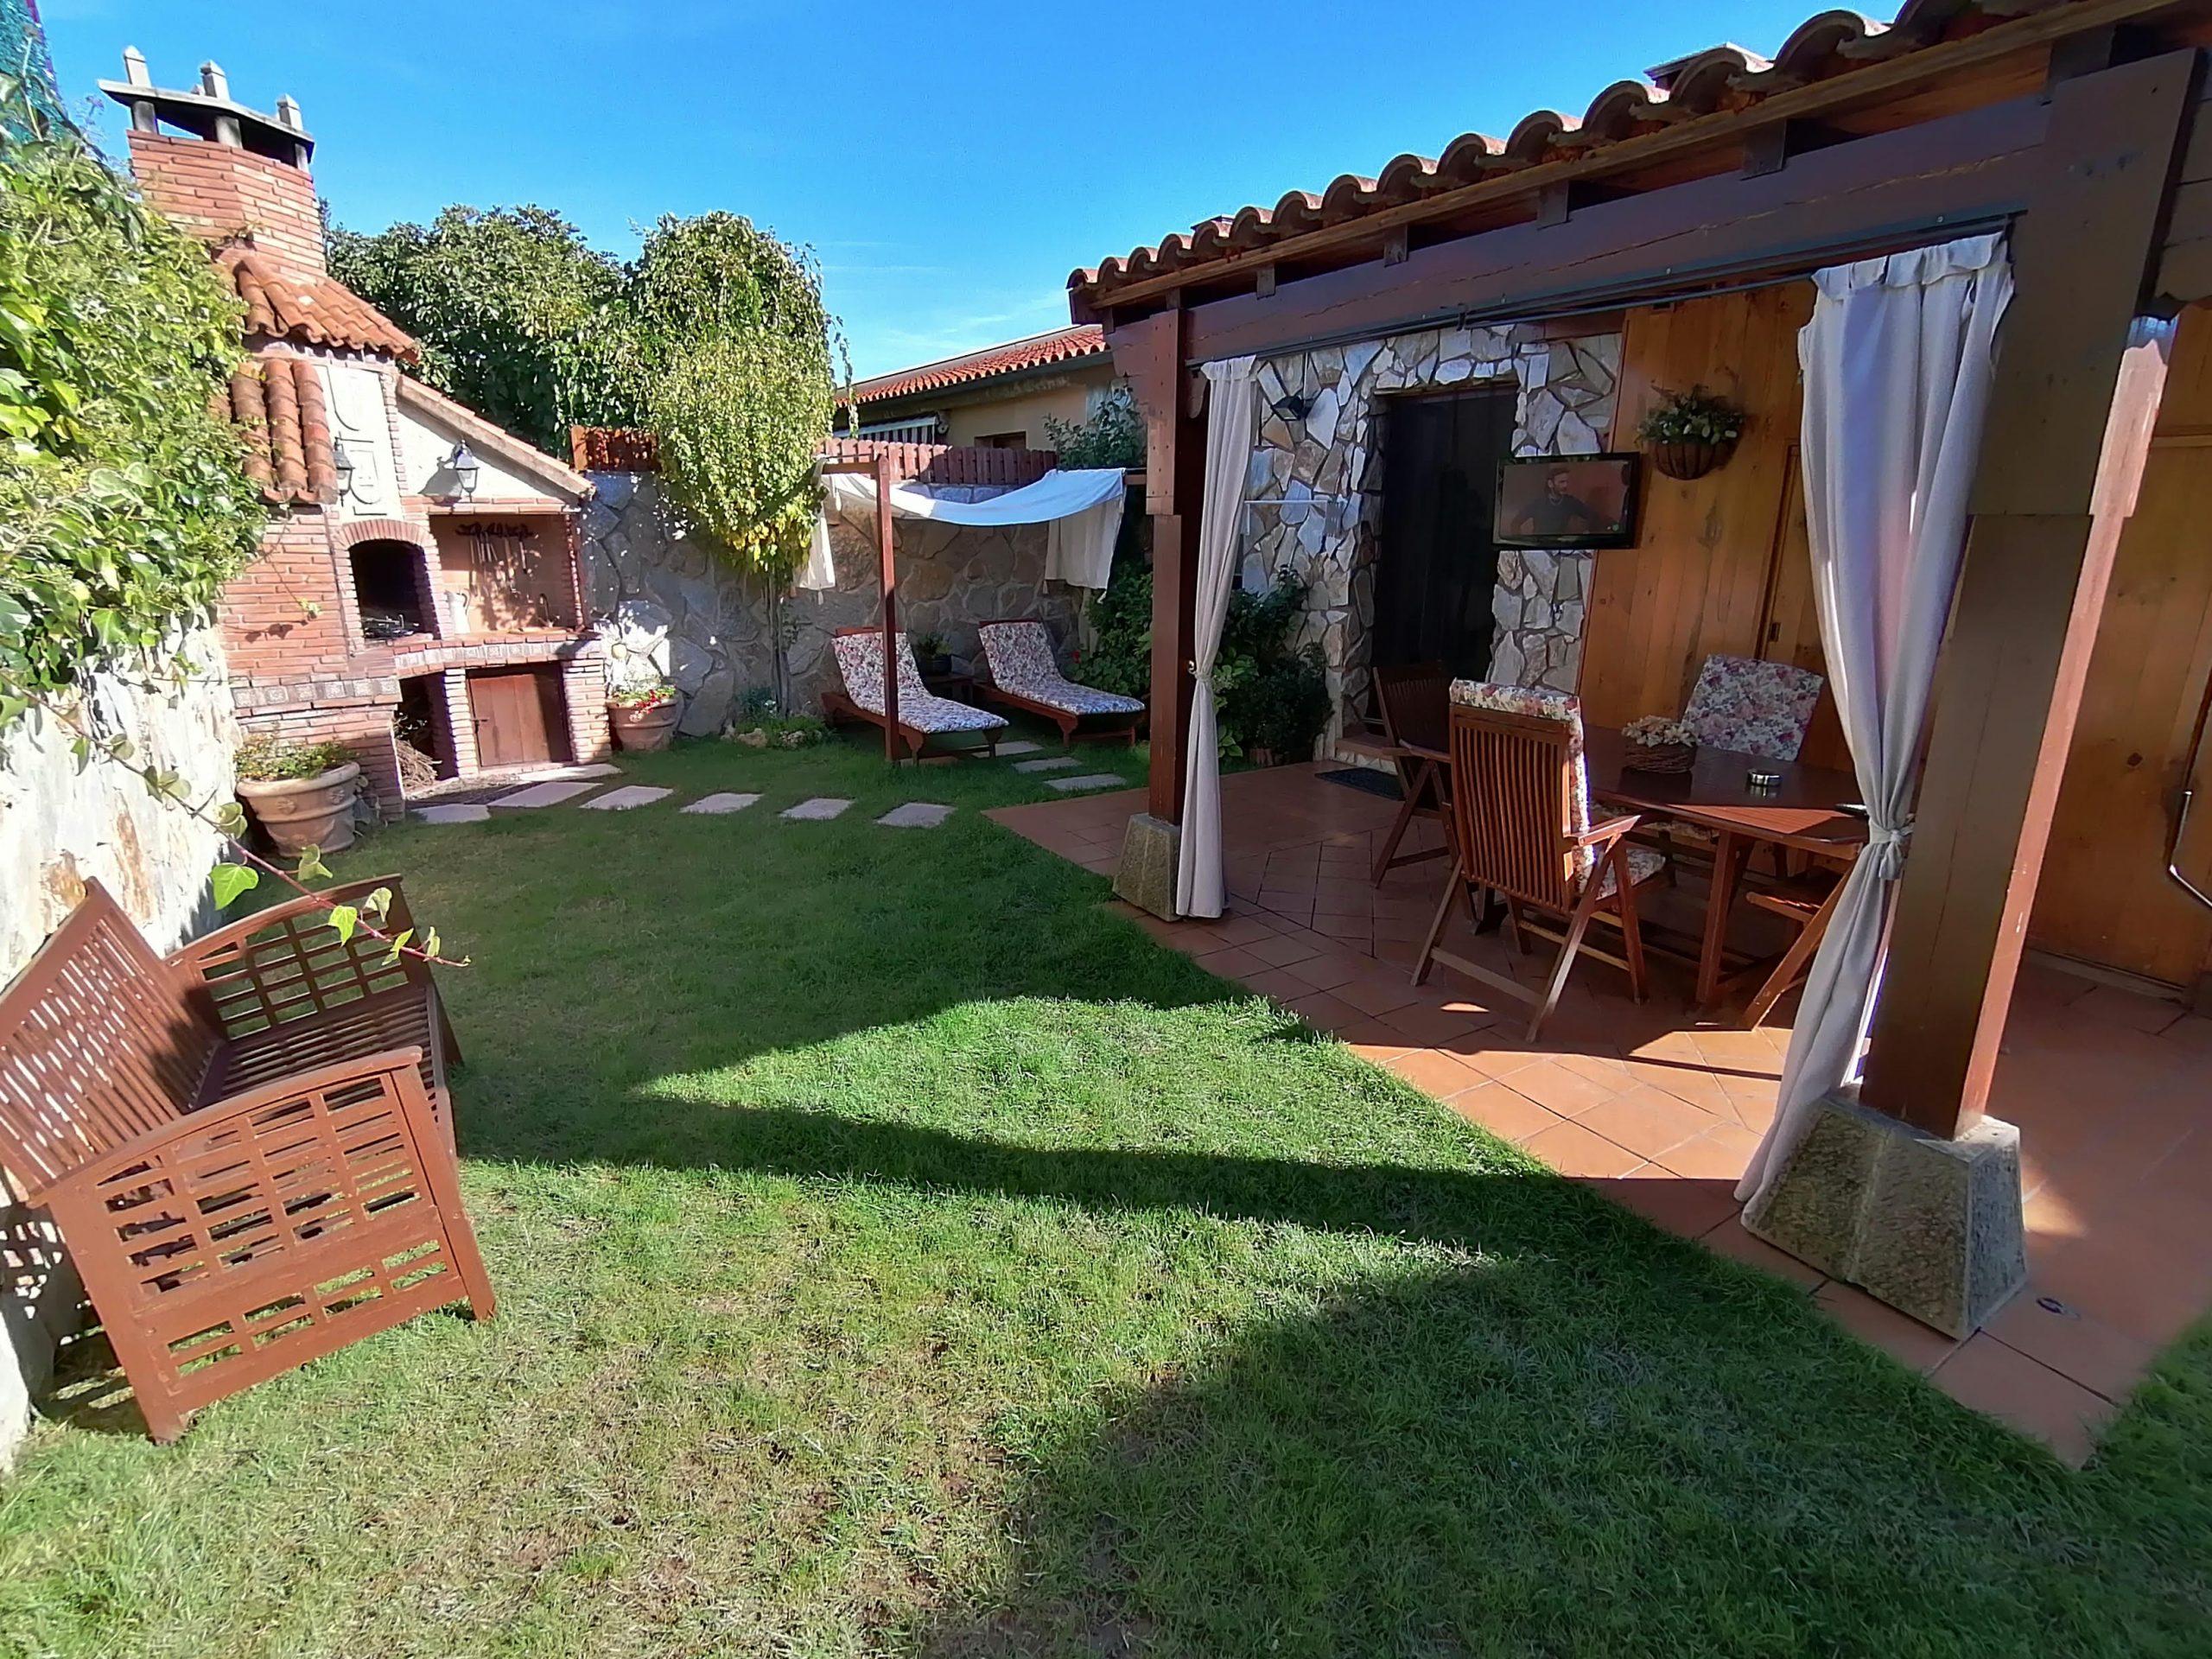 El jardin bonito con fontana y mueble de jardín. Casa Saleros en Navarette, La Rioja